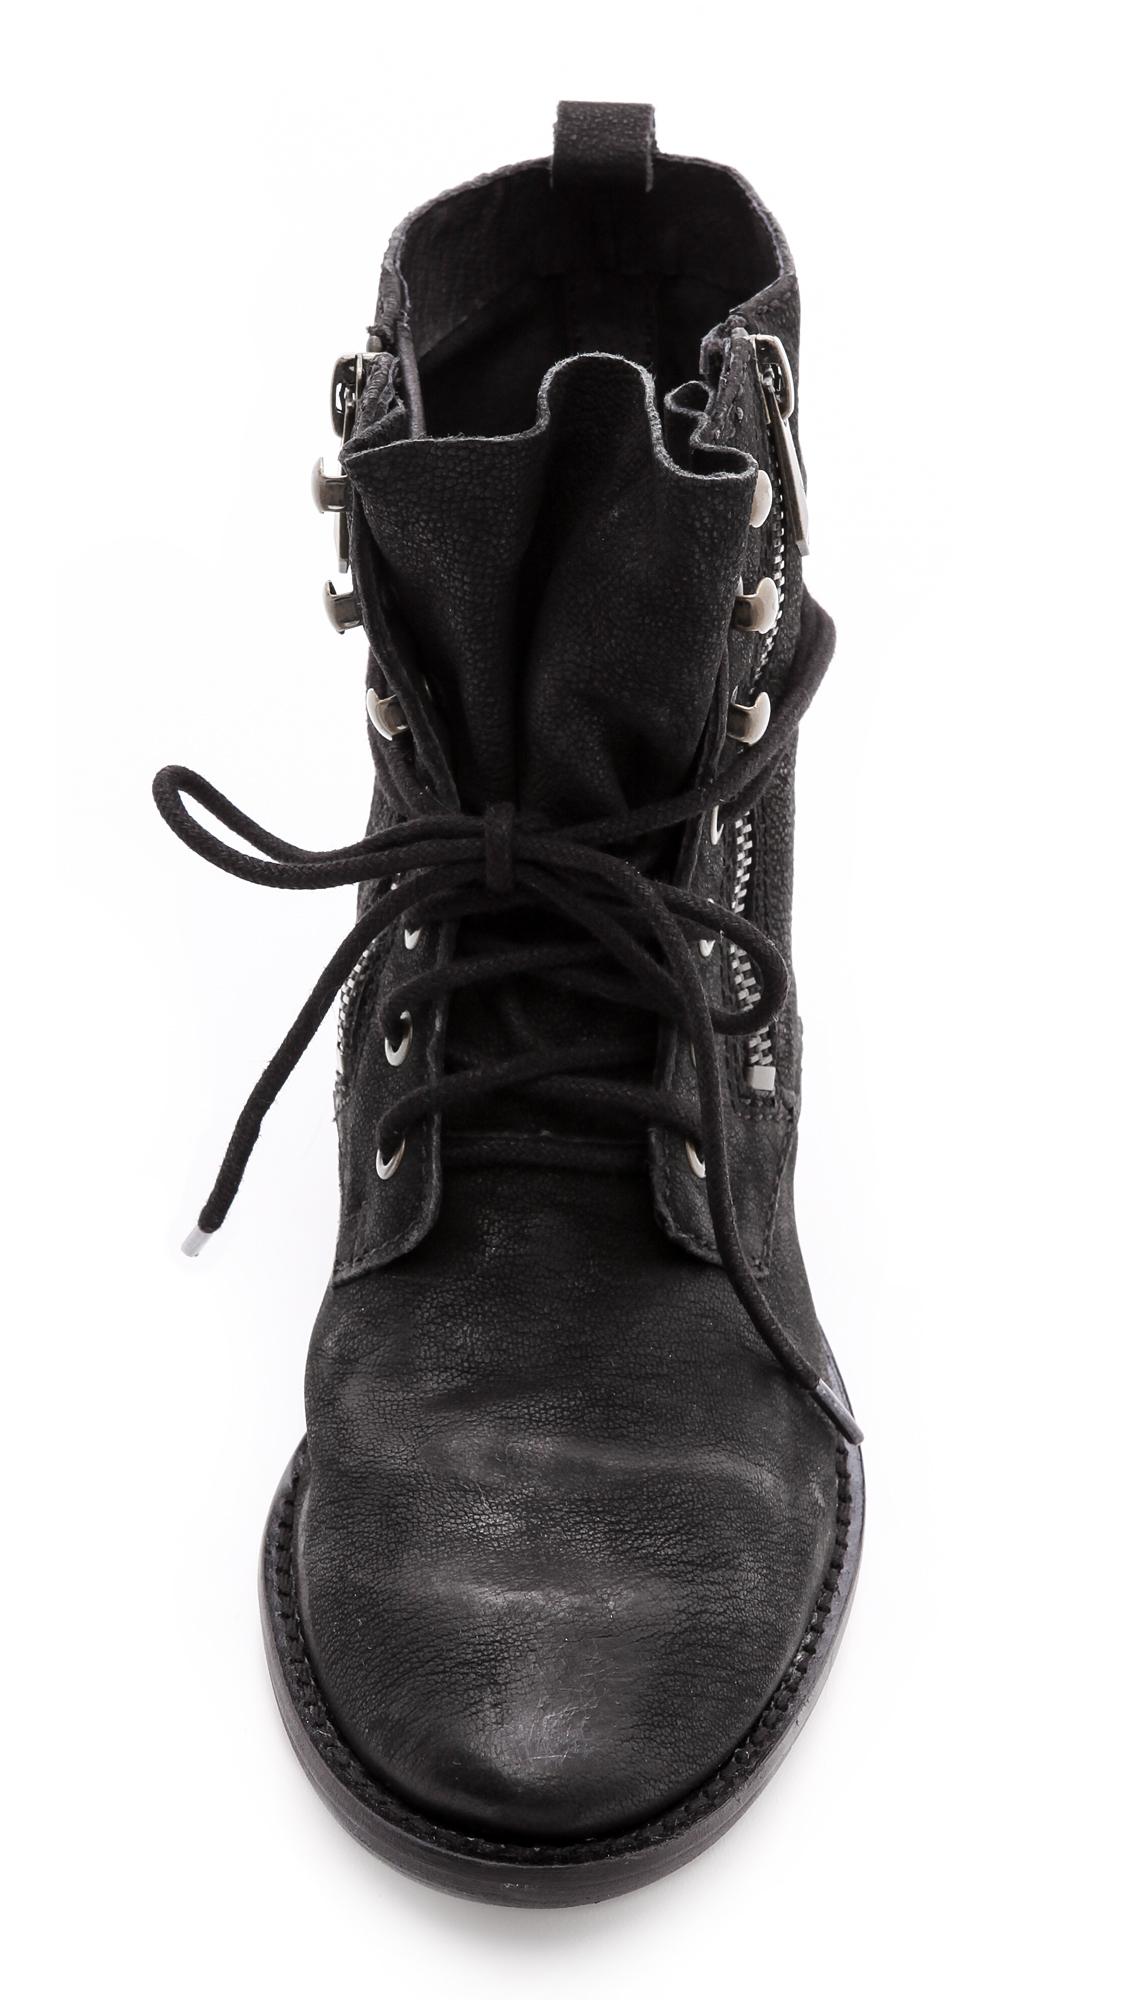 6c789999f2613 Sam Edelman Mackay Combat Booties